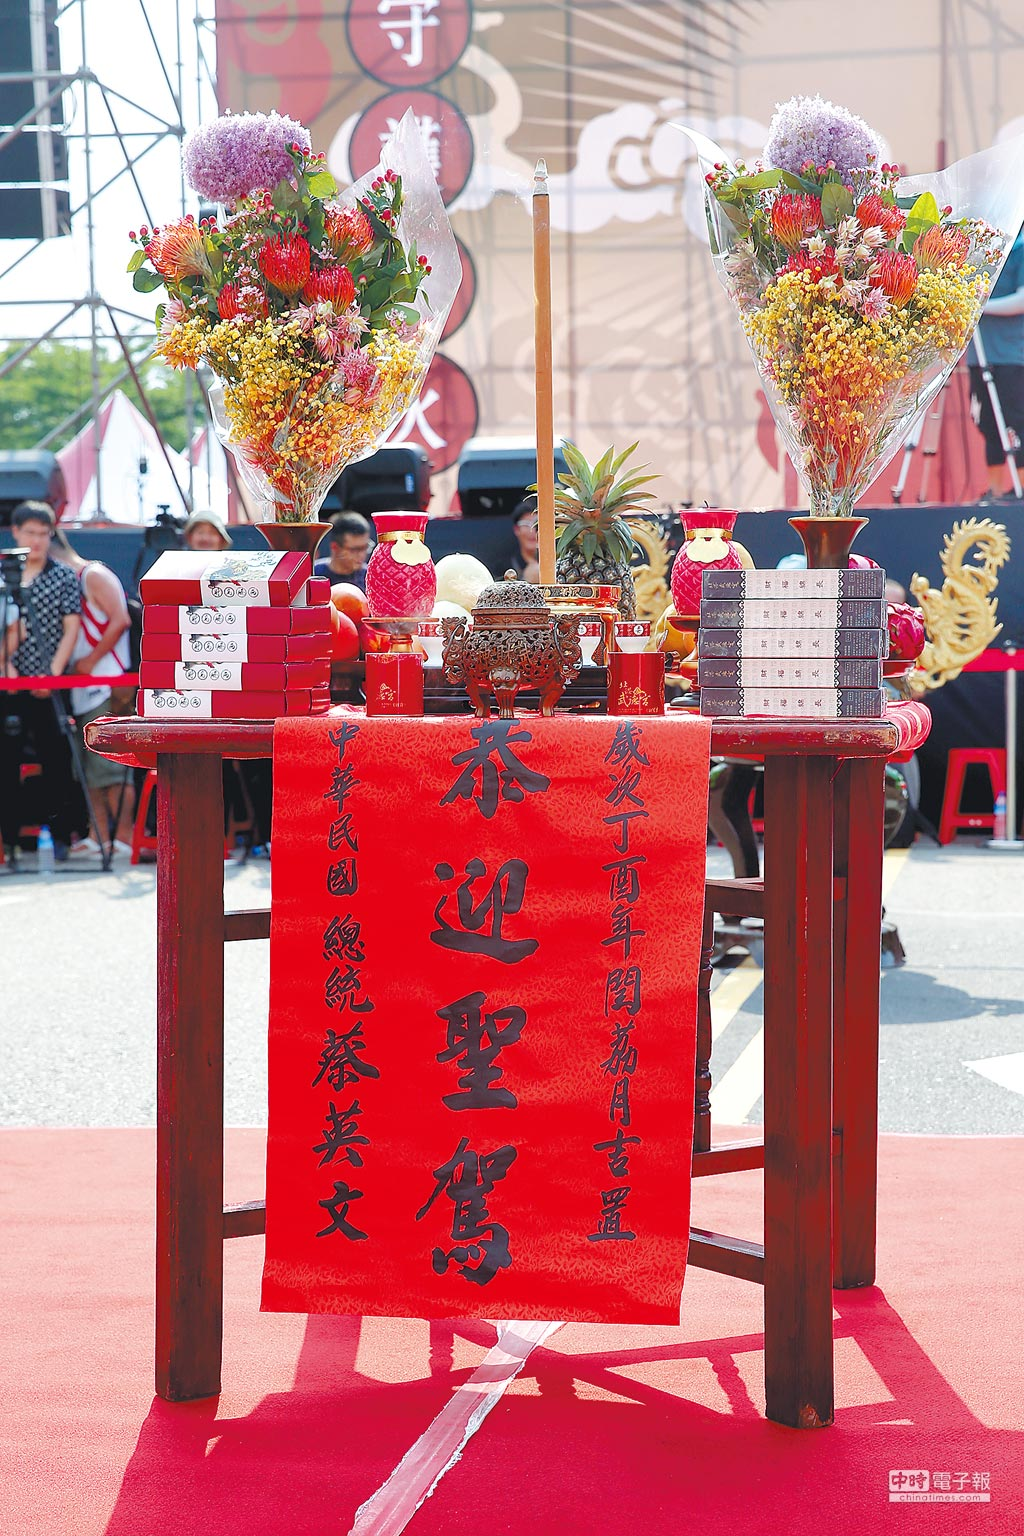 凱道中央設置一個署名「中華民國總統蔡英文」迎神香案,主辦單位主持人表示是蔡總統設置。不過,總統府發言人黃重諺則稱是活動一部分,與府方沒有關係。(黃世麒攝)